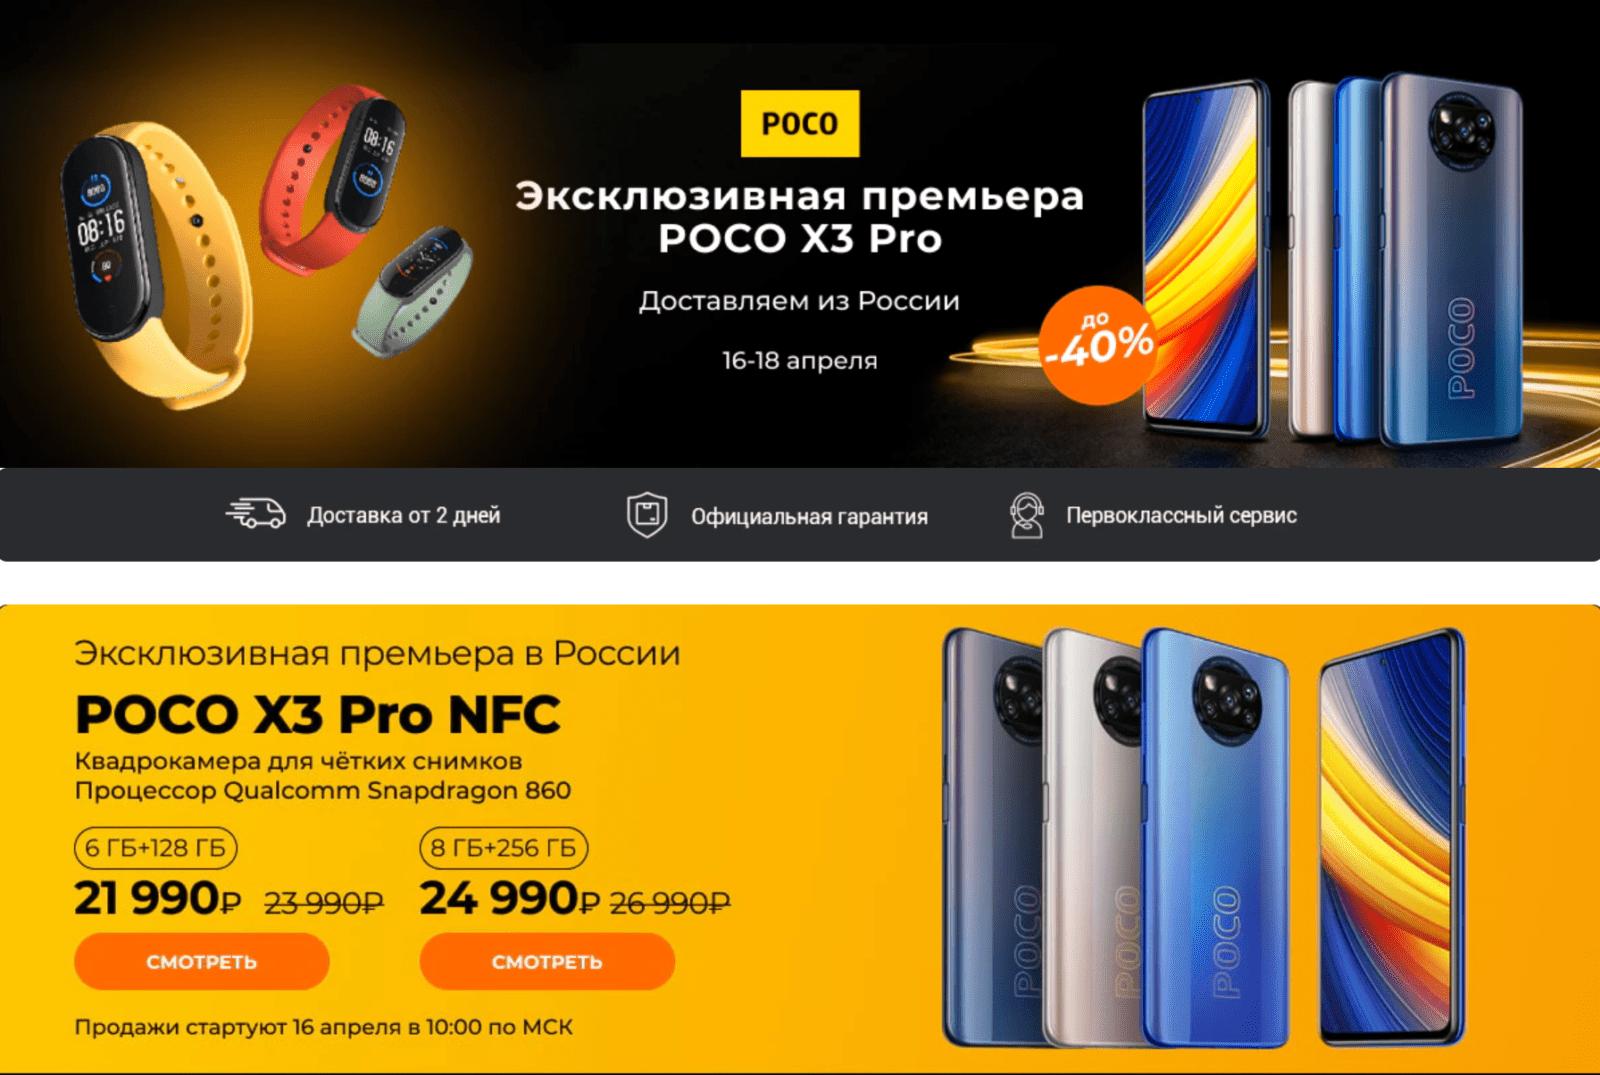 Эксклюзивная премьера в России POCOX3 Pro NFC